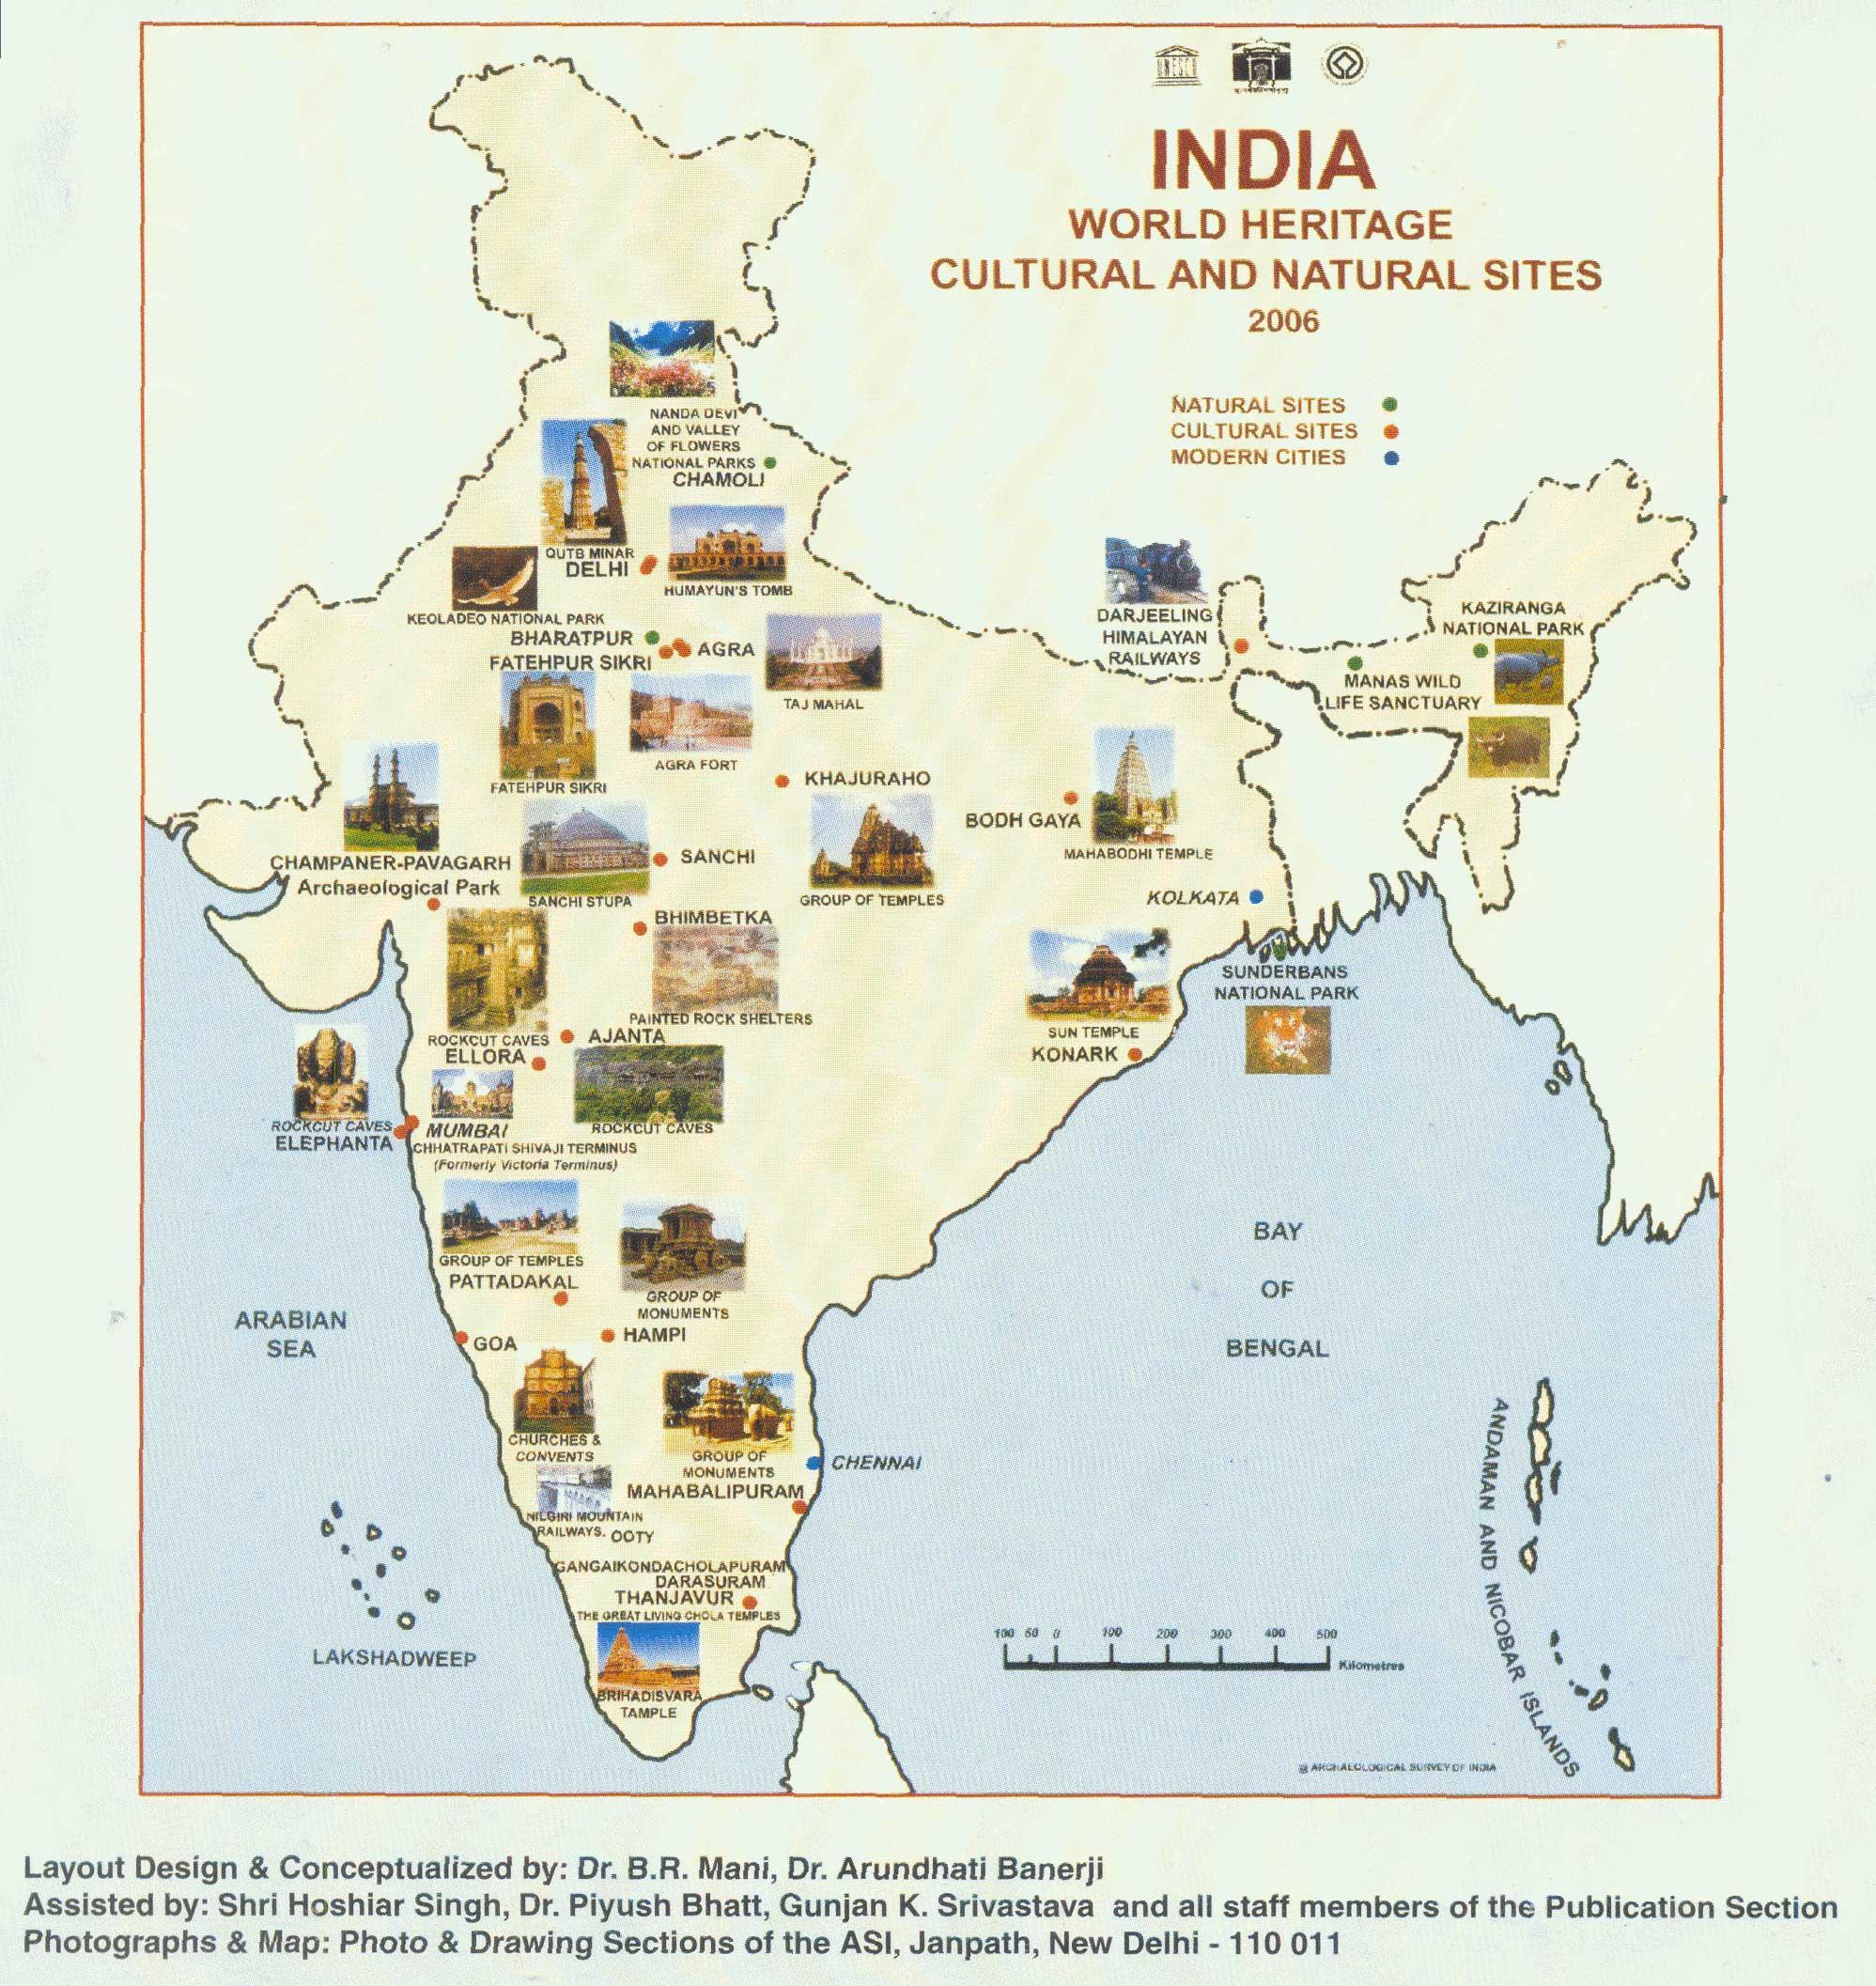 Carte De Linde Agra.L Inde Les Monuments De La Carte Carte De Monuments De L